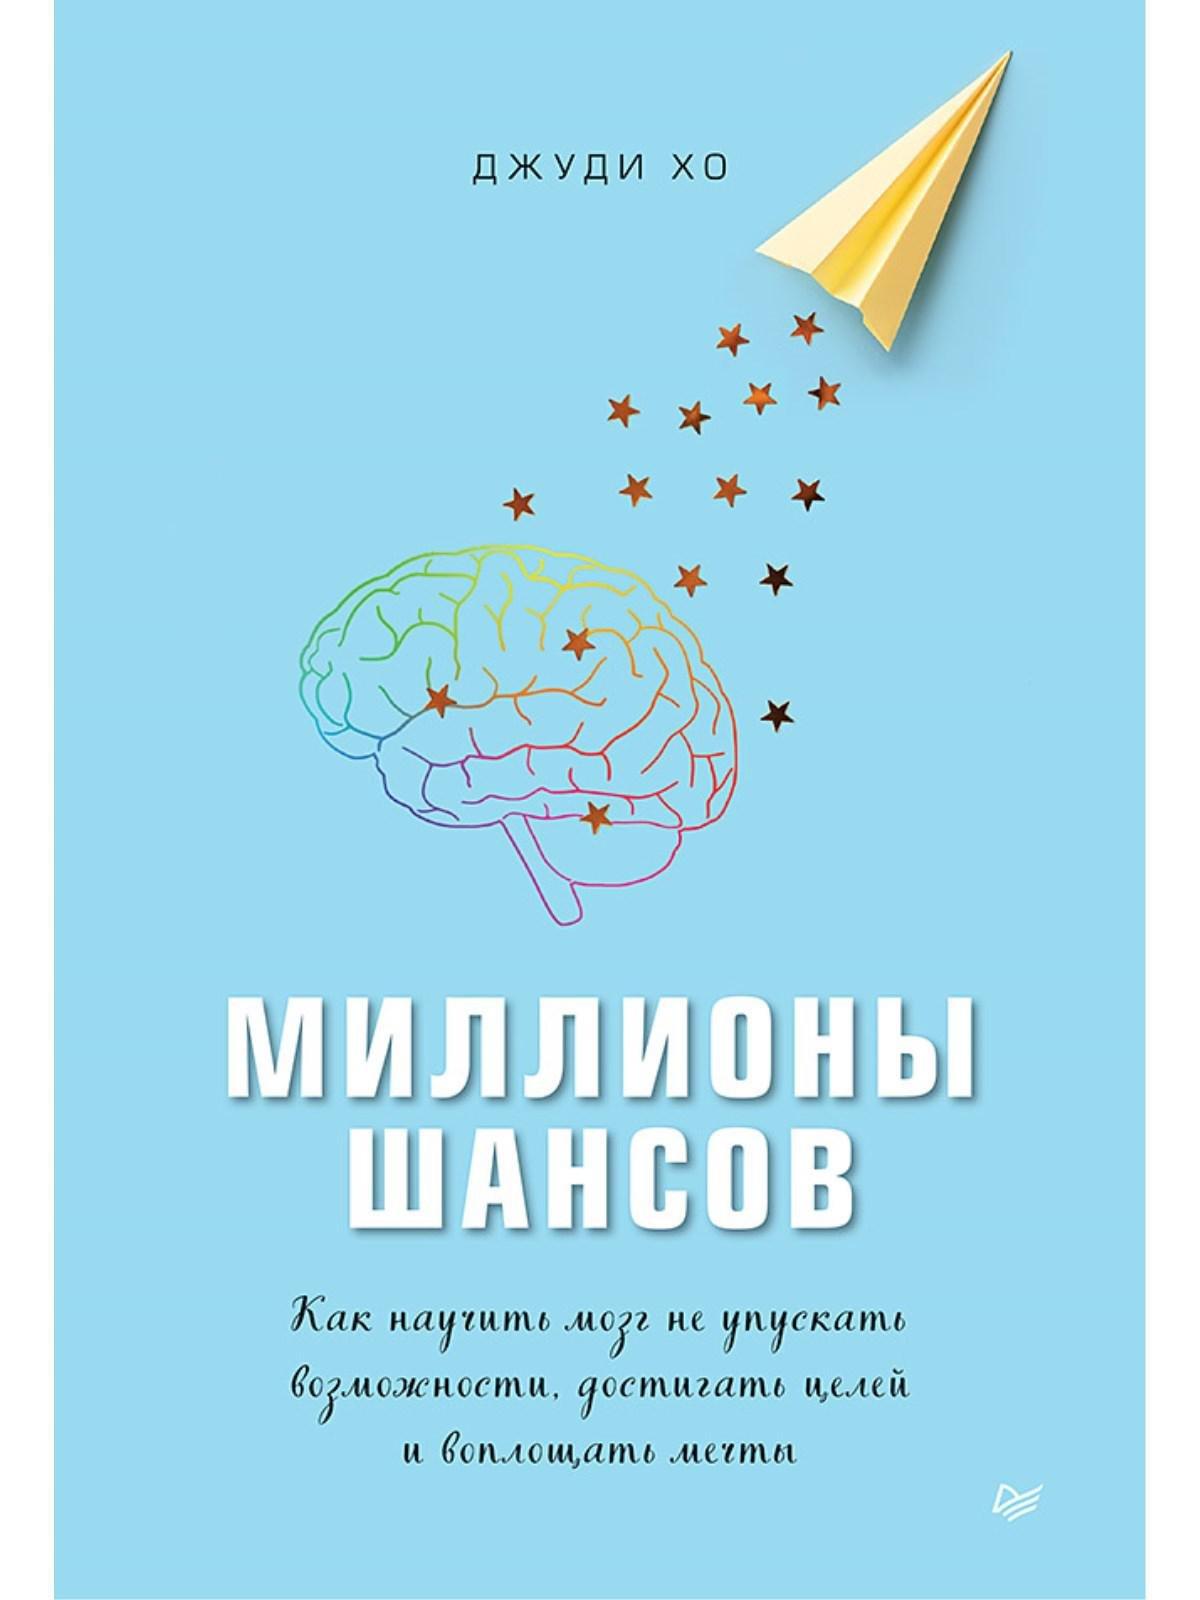 Хо Д. Миллионы шансов. Как научить мозг не упускать возможности, достигать целей и воплощать мечты андреатта б нейробиология перемен почему наш мозг сопротивляется всему новому и как его настроить на успех